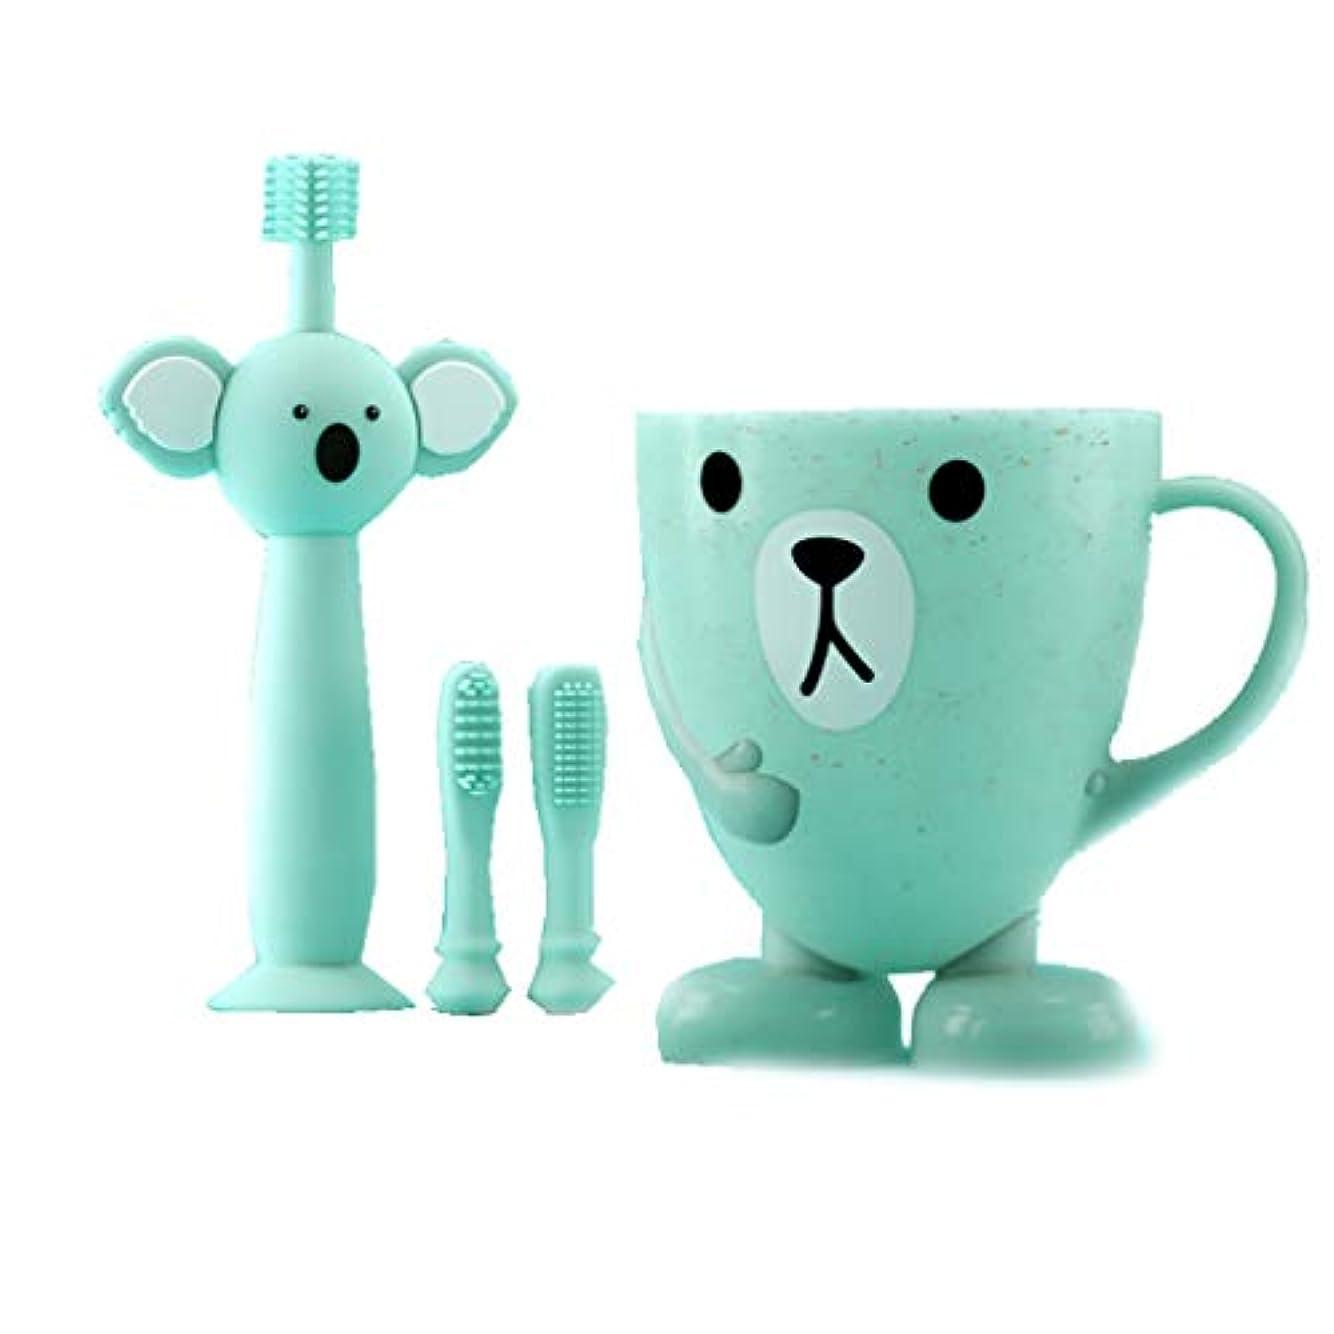 発音相反する思慮のない赤ちゃんの歯ブラシの子供、360度きれいな柔らかい髪、慎重に選択されたシリコーン材料、歯をきれいにしながら歯茎をマッサージします。 (色 : B)